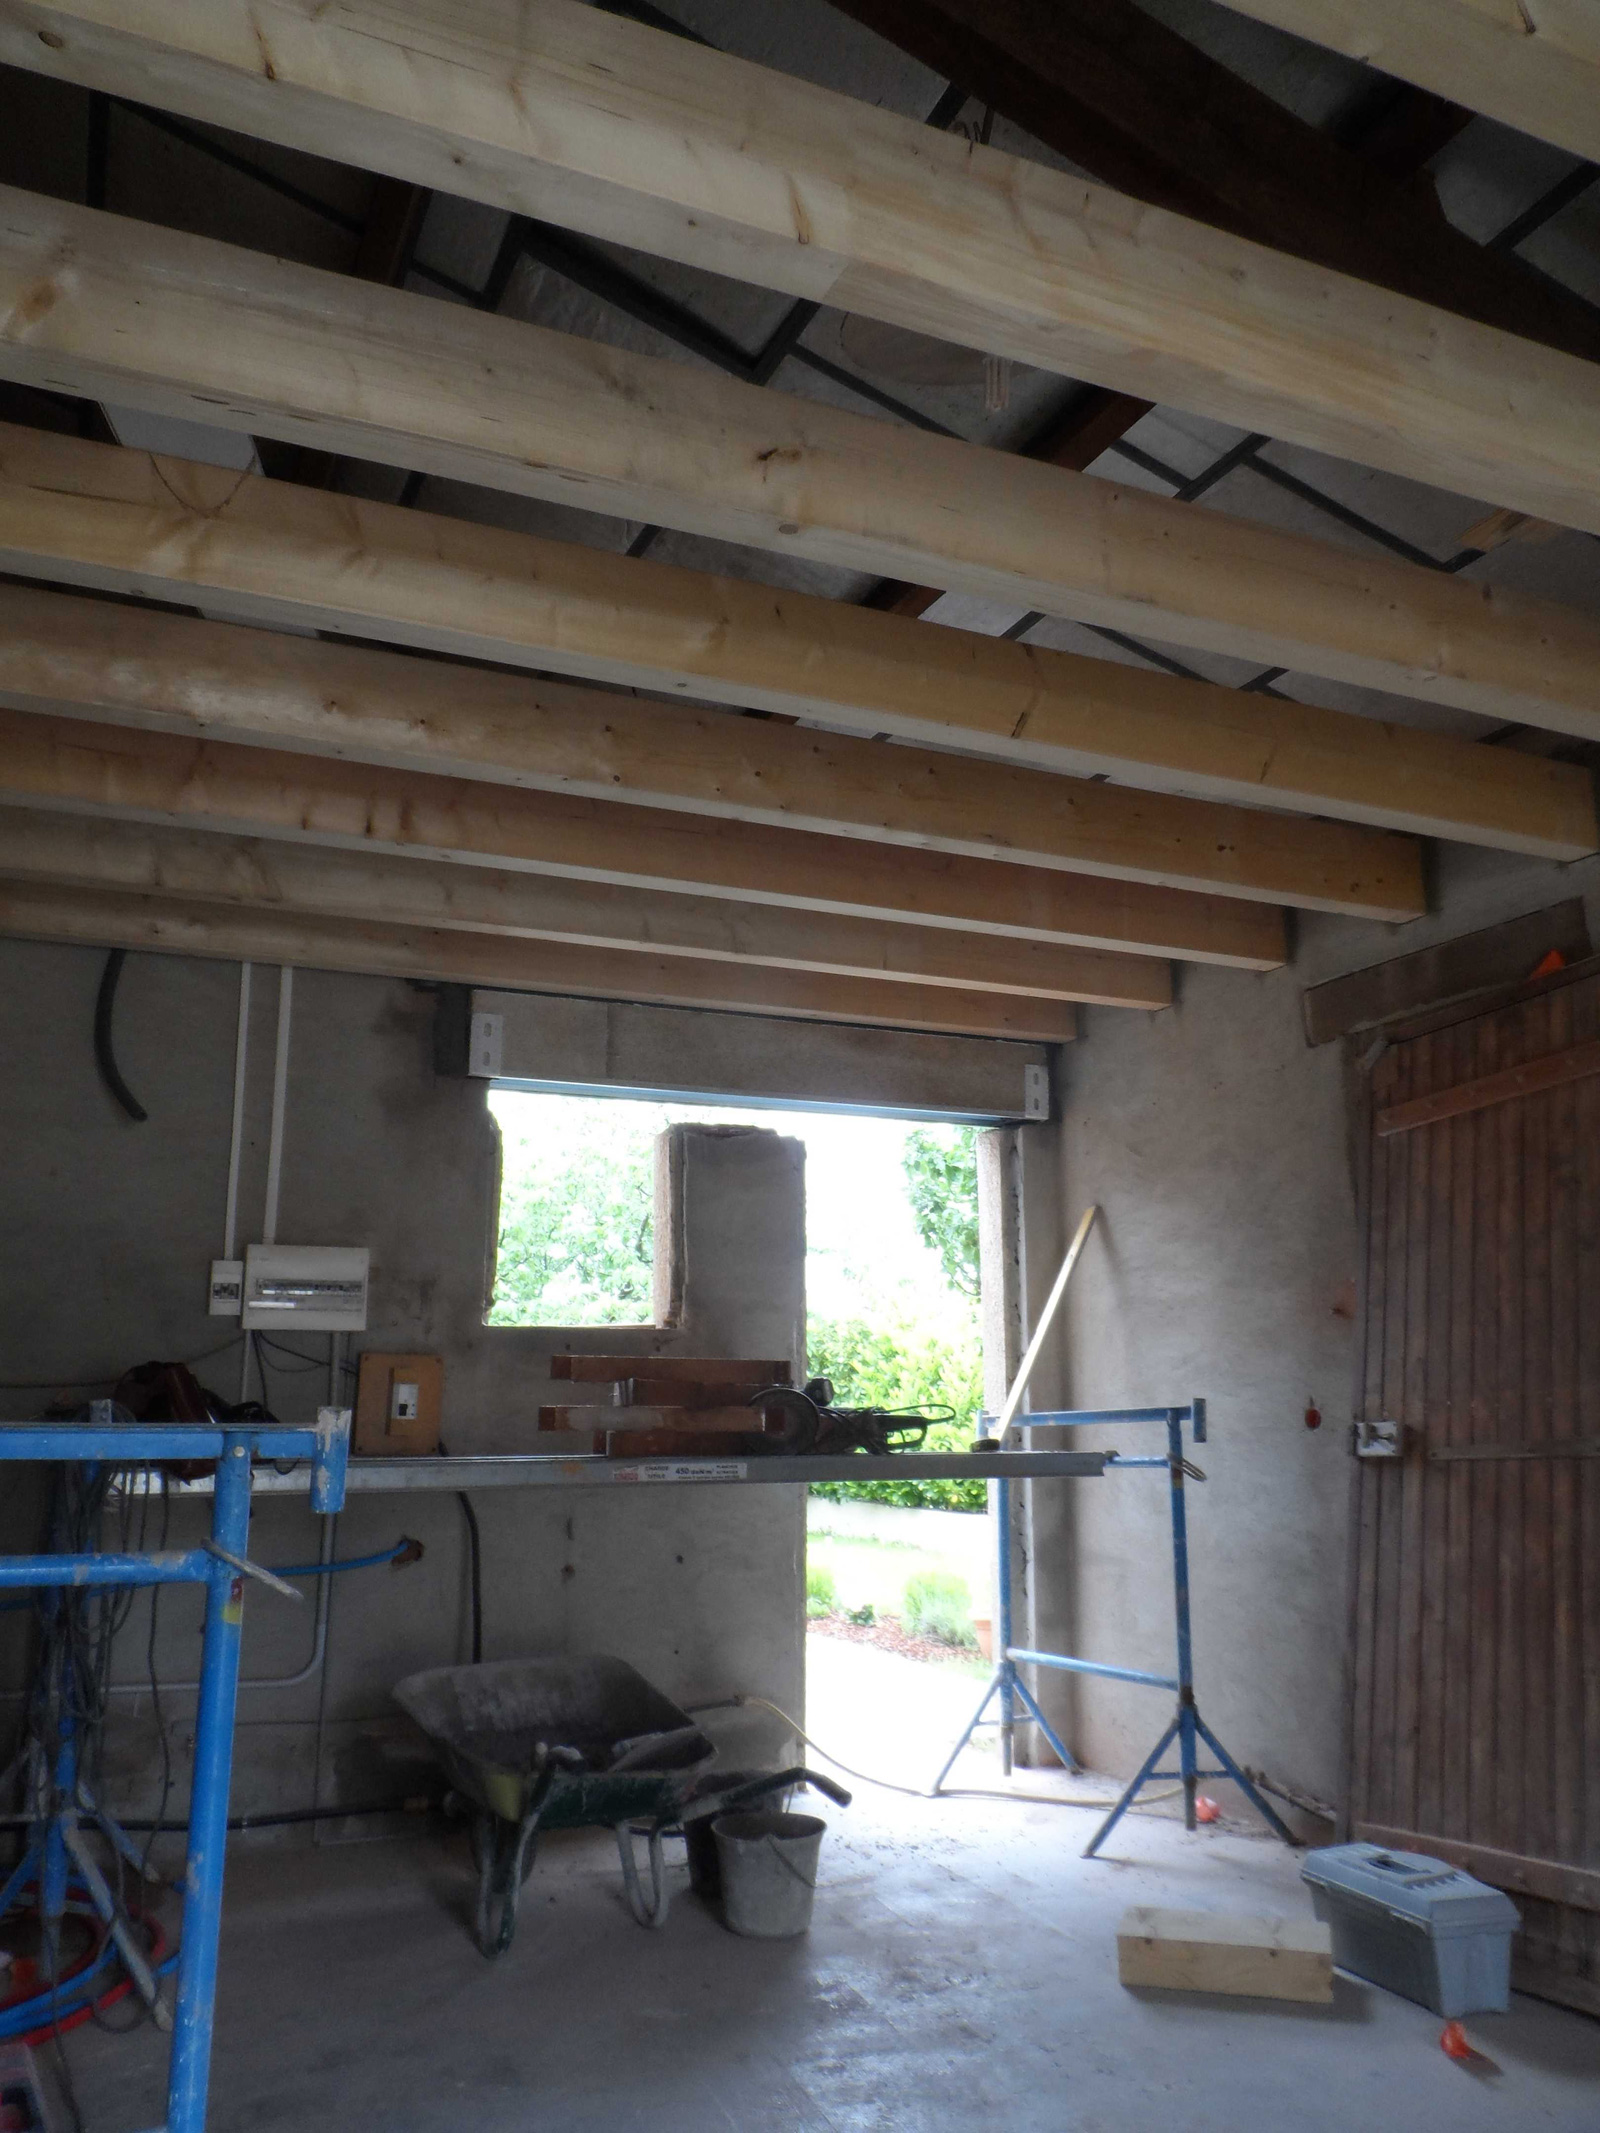 transformation du garage d une maison individuelle bruno geli architecte dplg lab ge. Black Bedroom Furniture Sets. Home Design Ideas